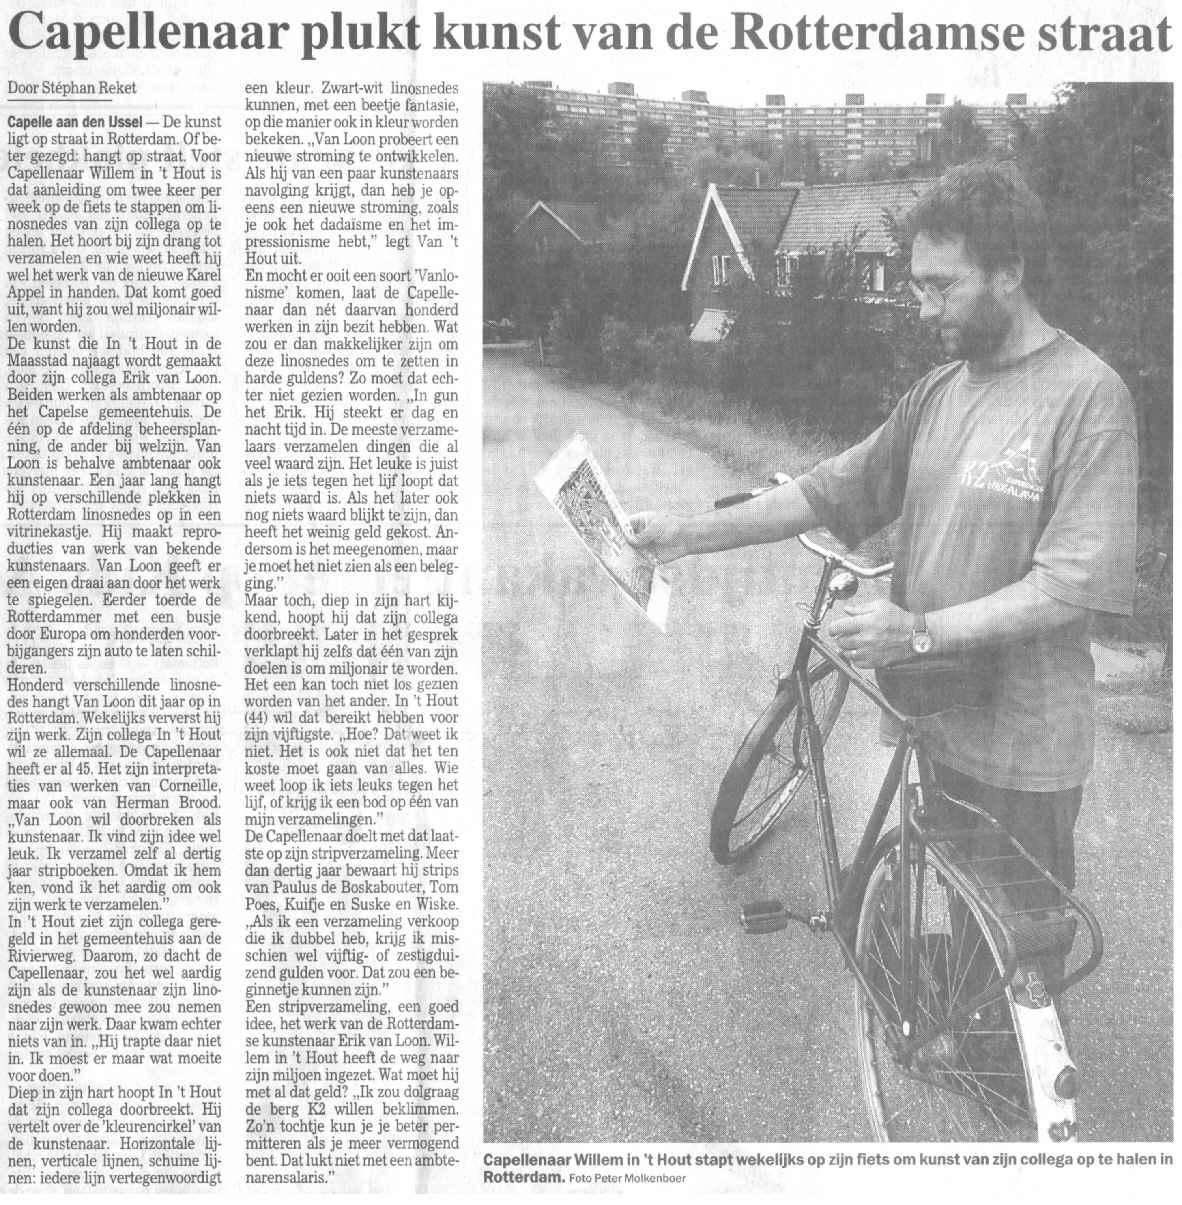 Capellenaar plukt kunst van de Rotterdamse straat